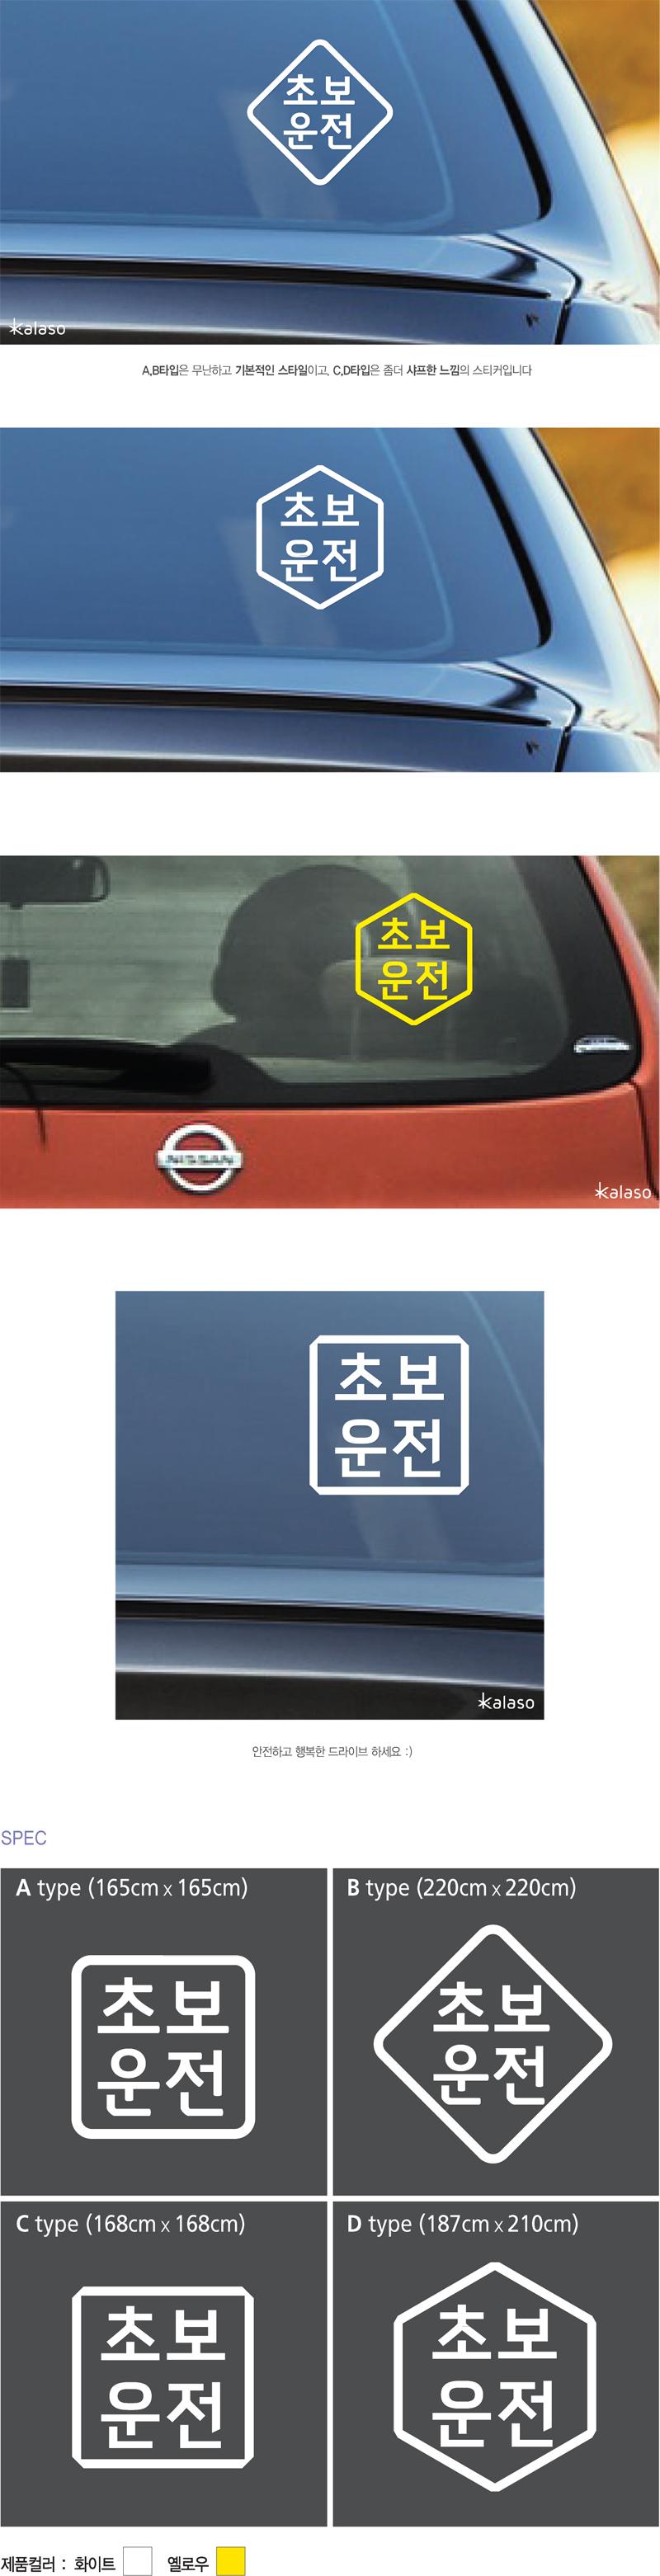 심플 초보운전 차량스티커 4종 - 칼라소디자인, 5,900원, 자동차 스티커, 초보운전/아기탑승/주차 스티커